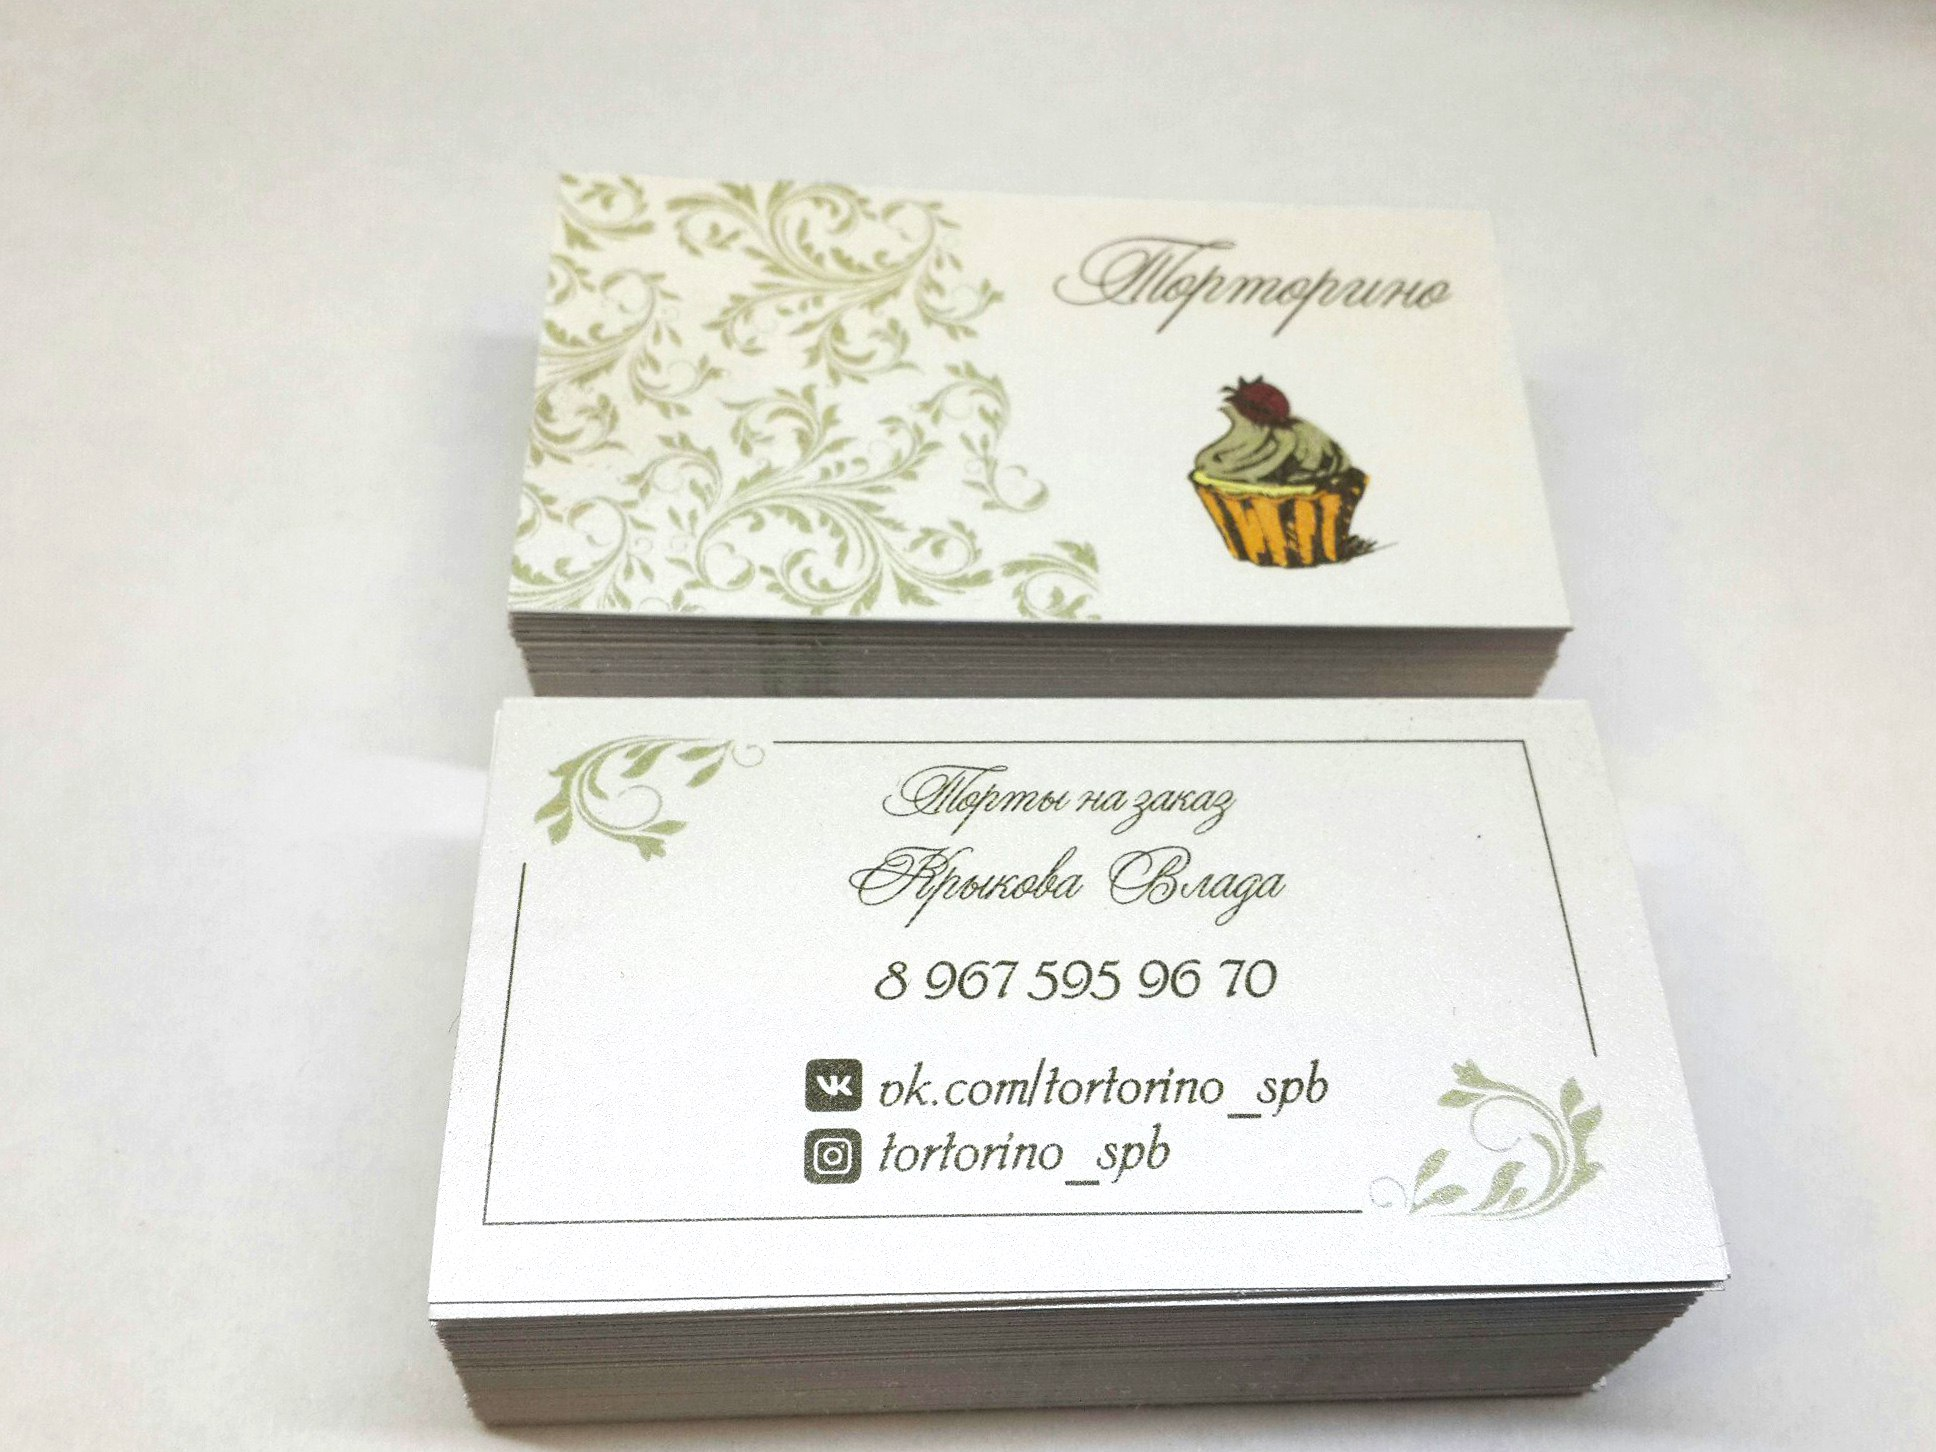 Цветные двусторонние визитки для производителя тортов на заказ